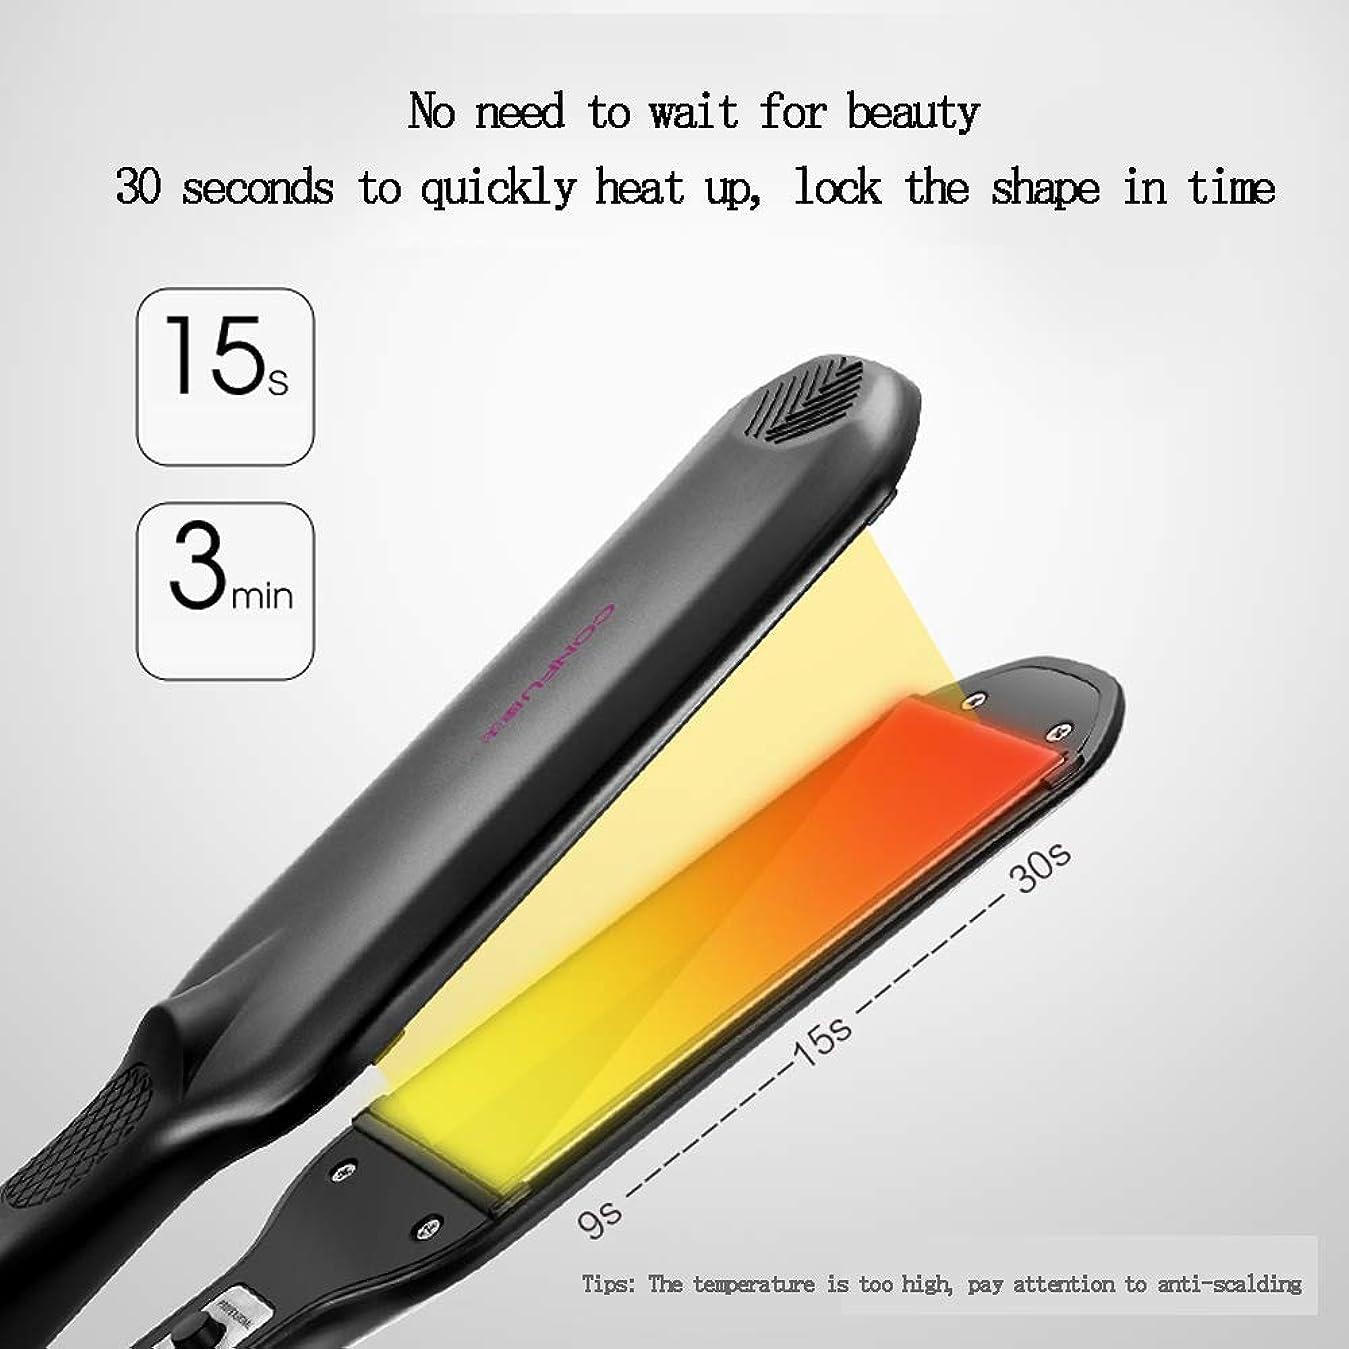 トピック昆虫調停するヘアカーリングワンド二重使用ストレートカール電気アイロンストレートクリップ、焼き付き防止フロントエンド髪を傷つけない、ブラック